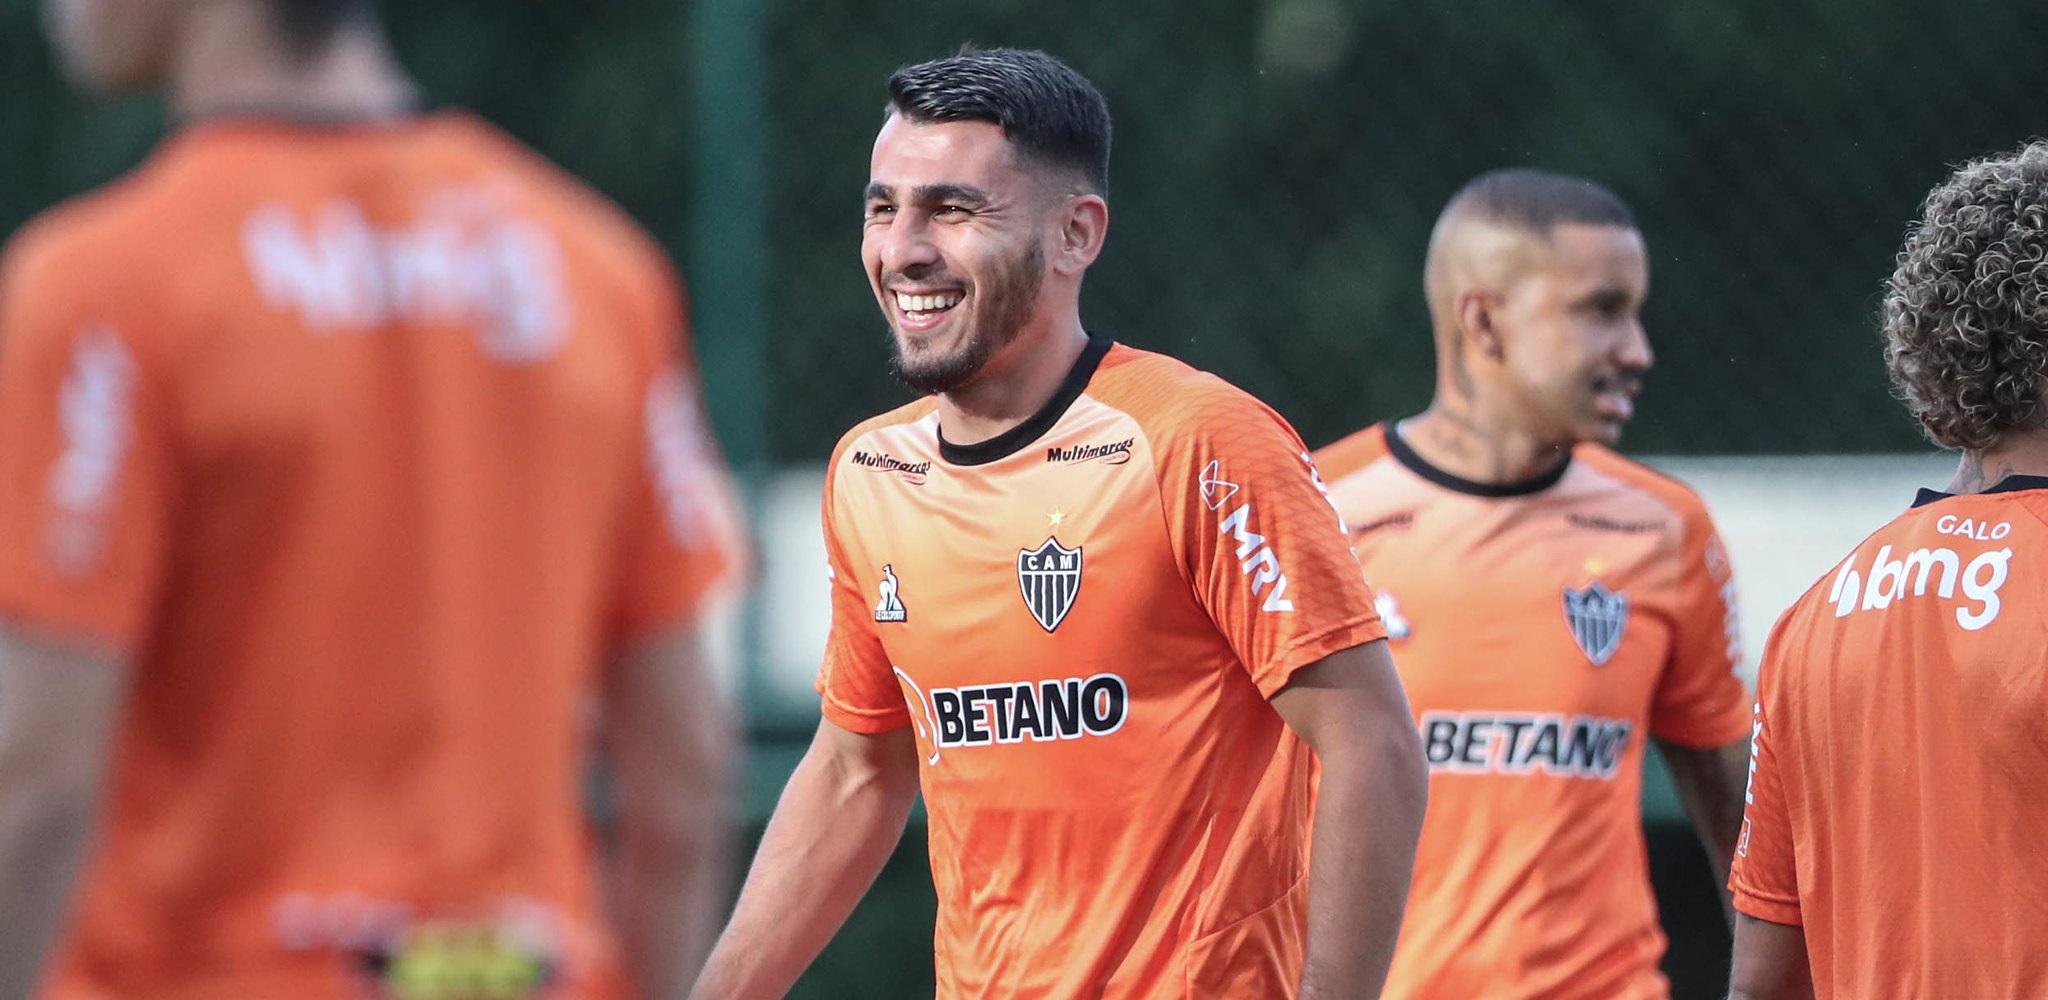 Galo inicia treinos para enfrentar o Flamengo